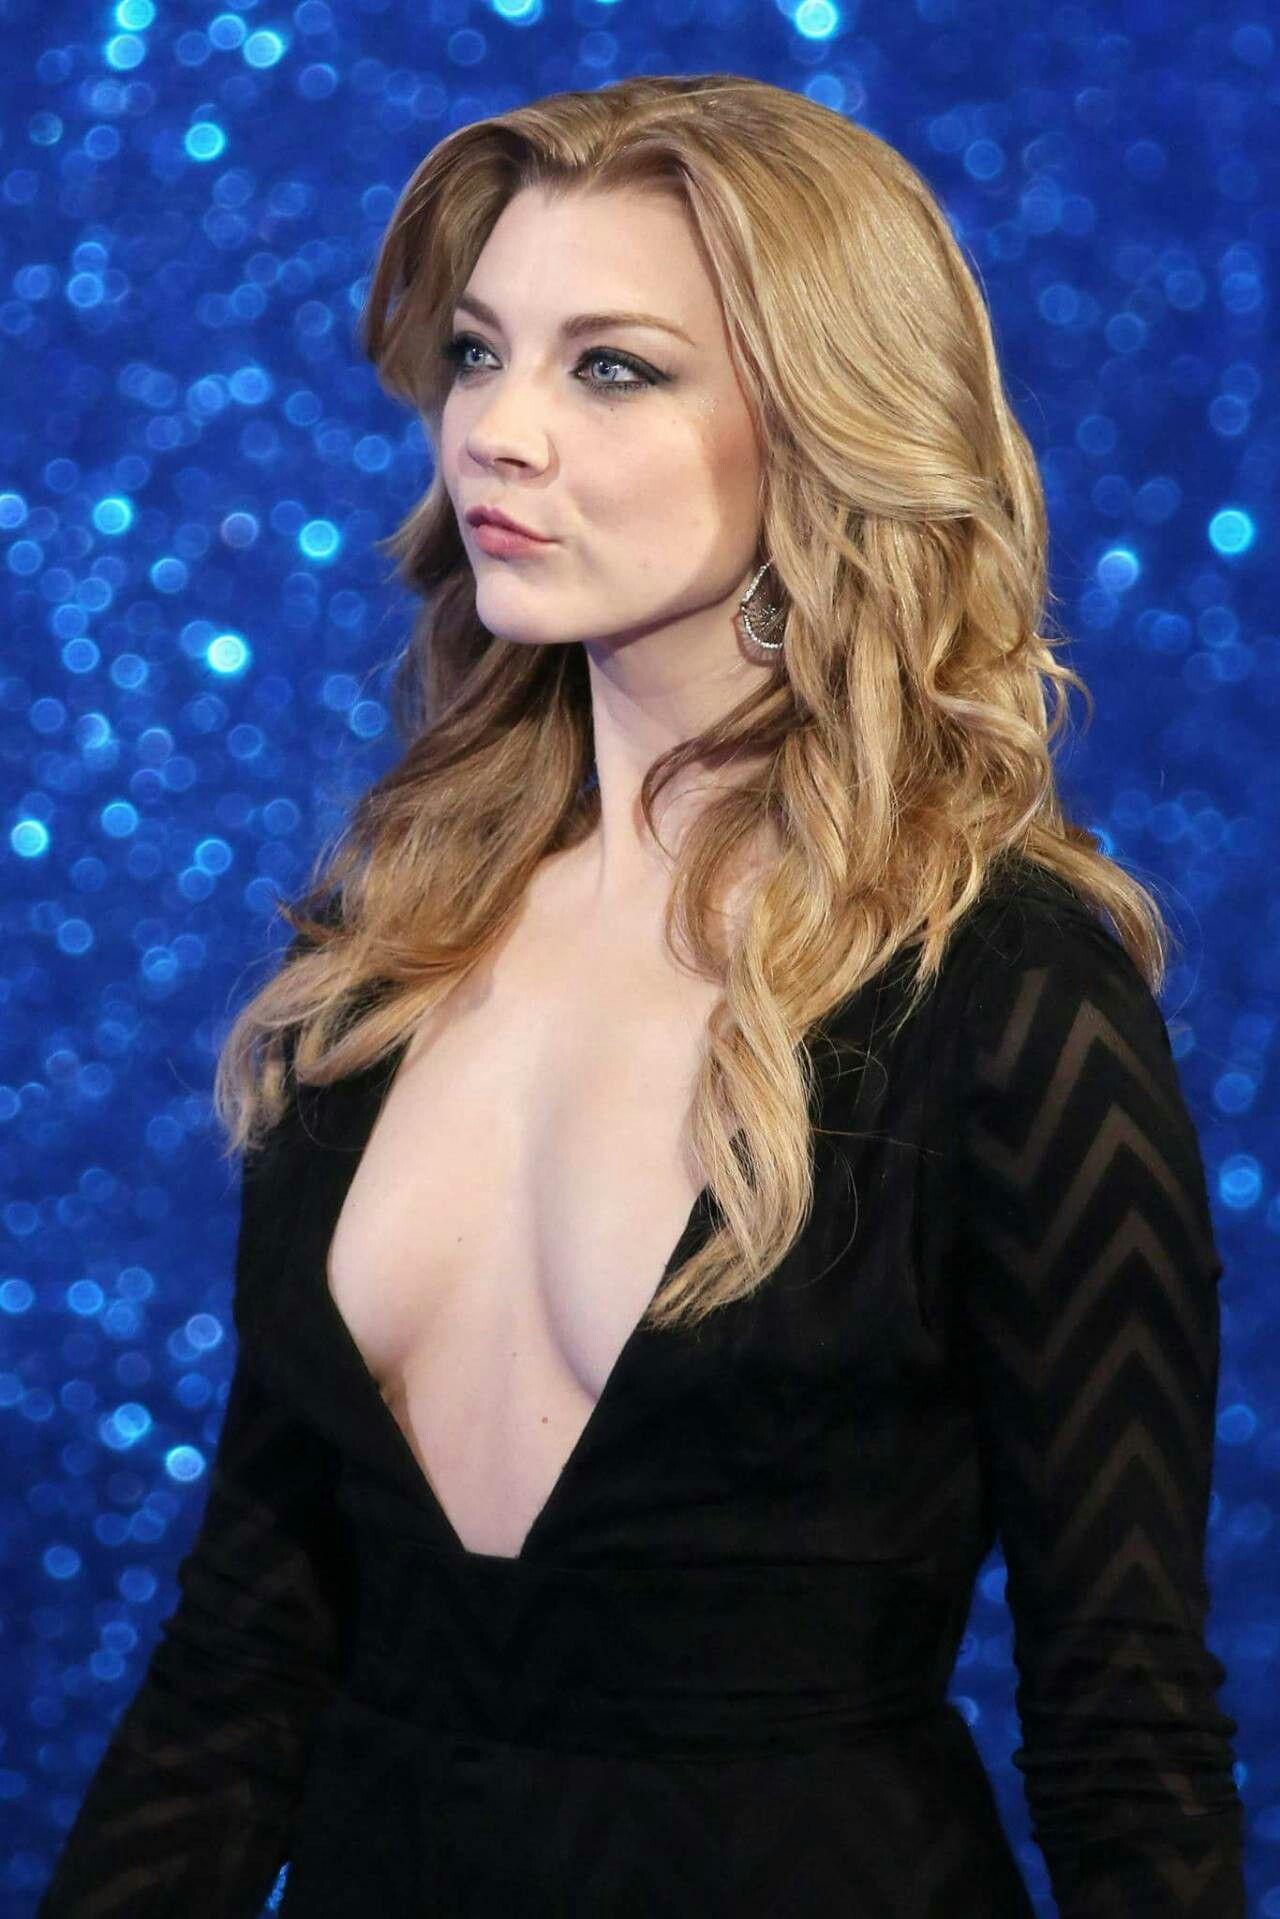 Natalie Jain